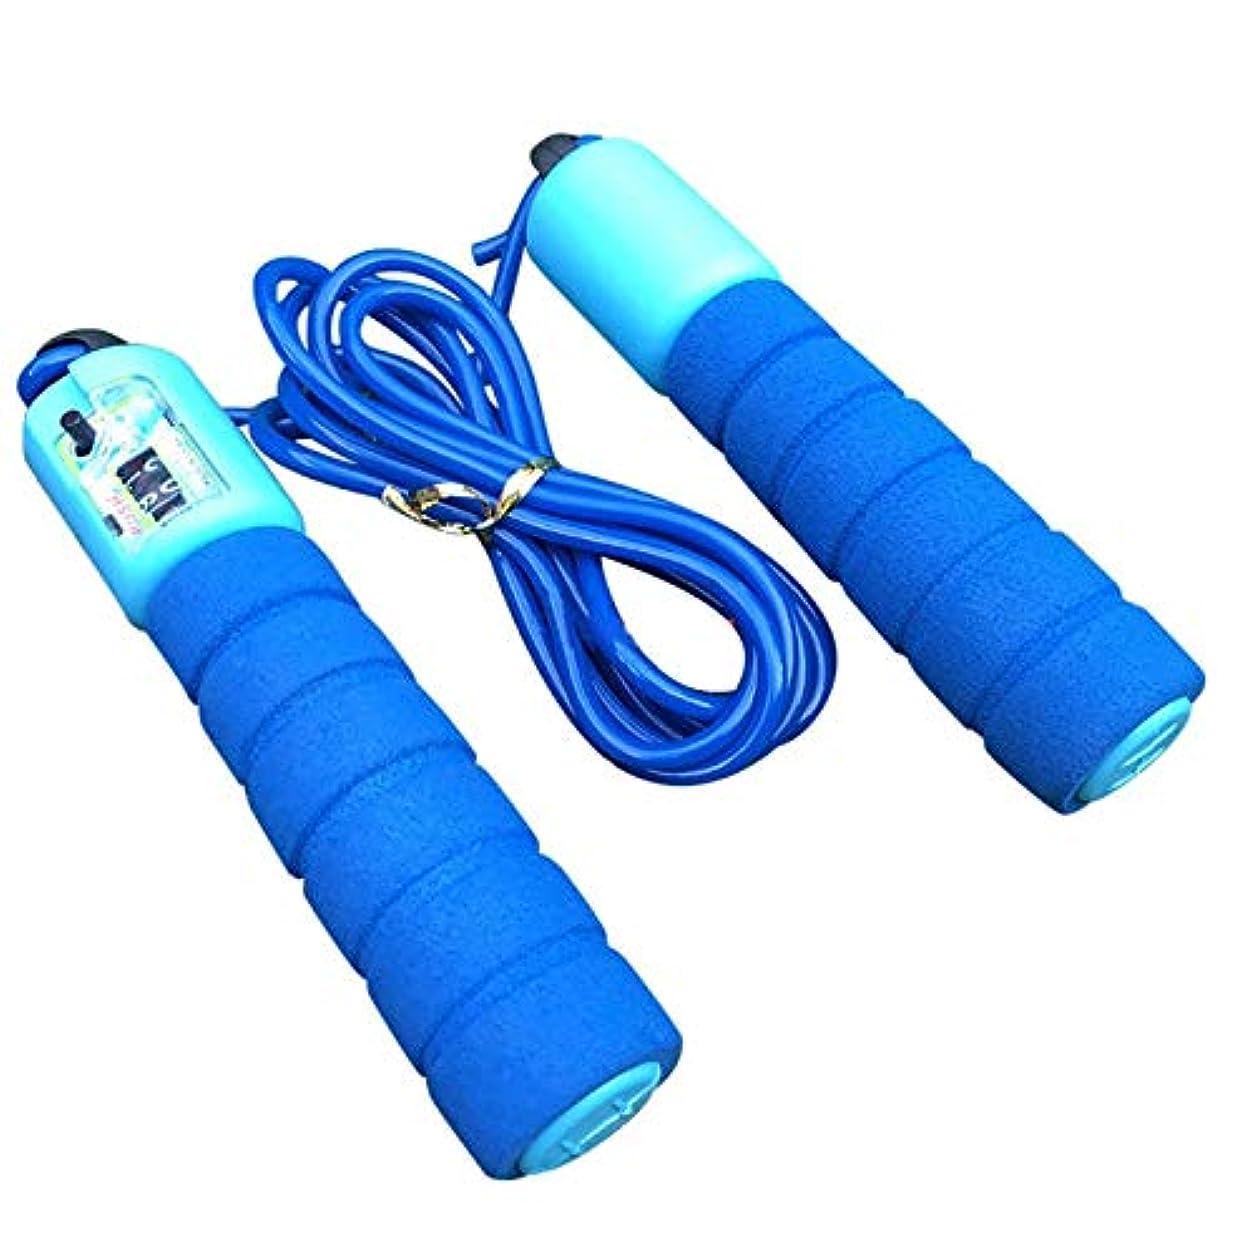 キリスト教スティーブンソントライアスロン調整可能なプロフェッショナルカウント縄跳び自動カウントジャンプロープフィットネス運動高速カウントジャンプロープ - 青